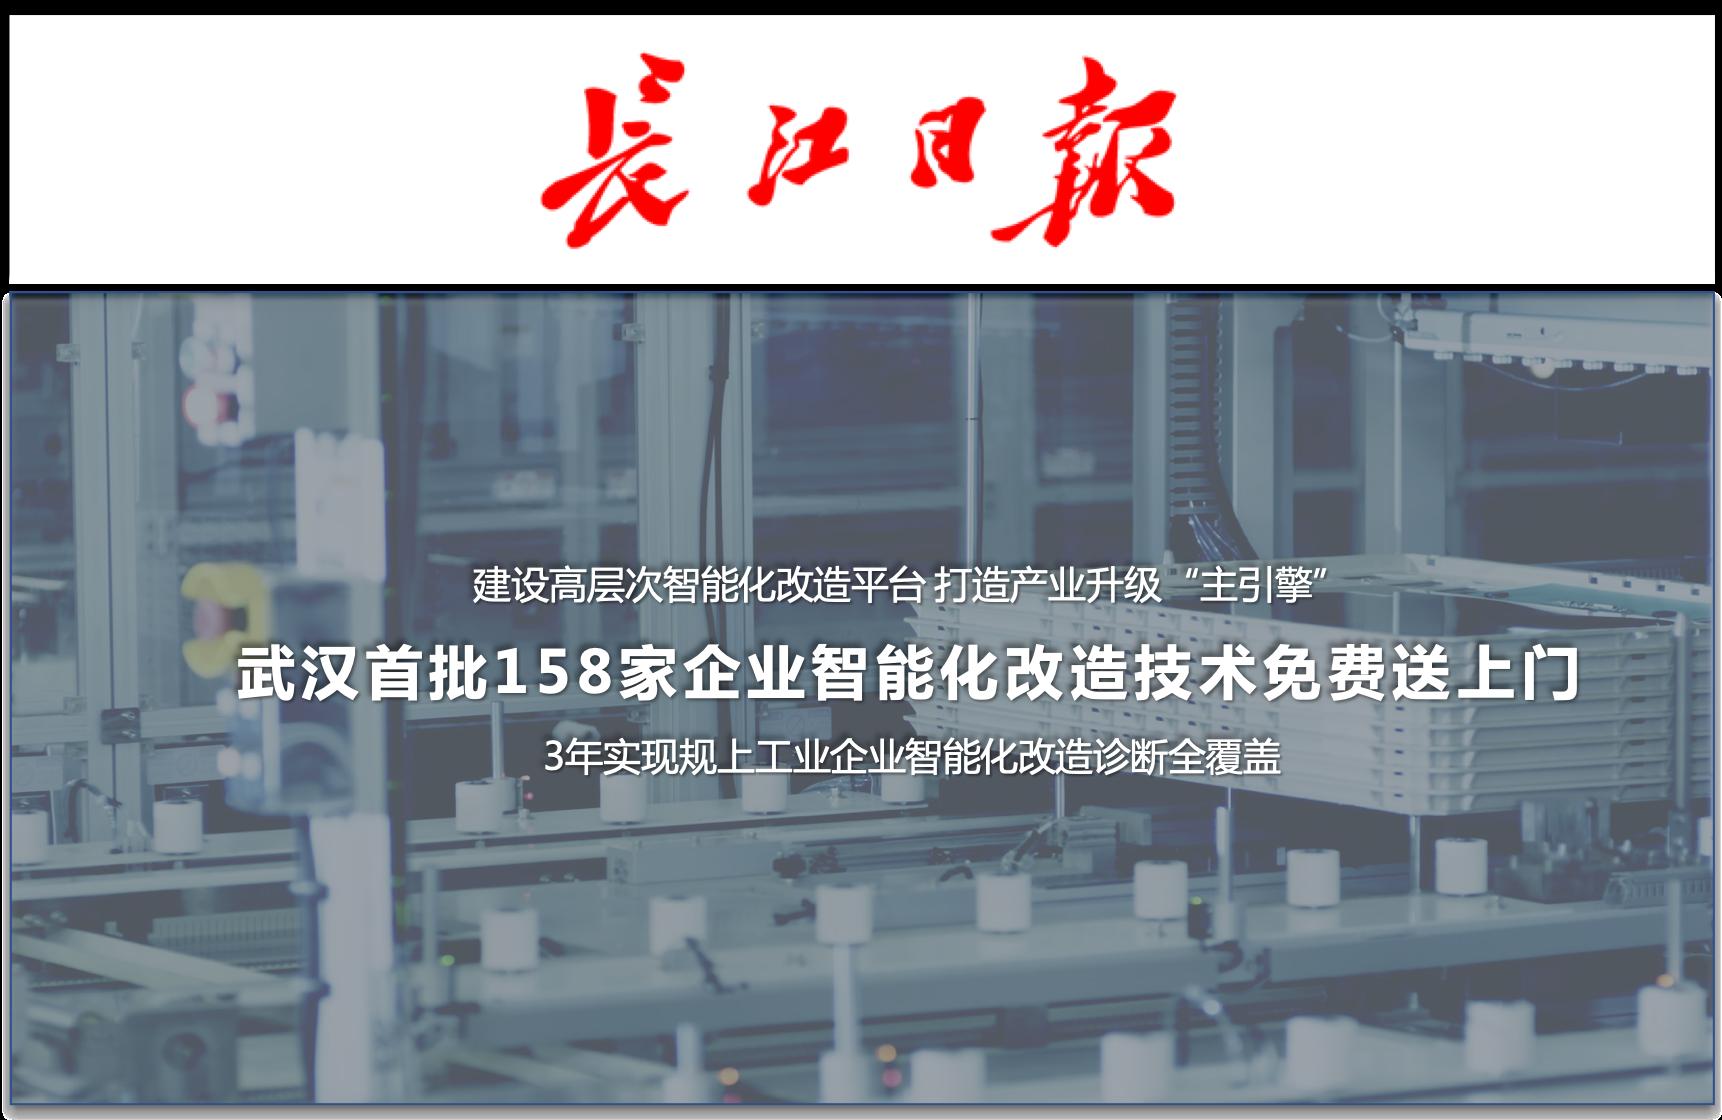 格創東智助力武漢首批158家企業智能制造改造